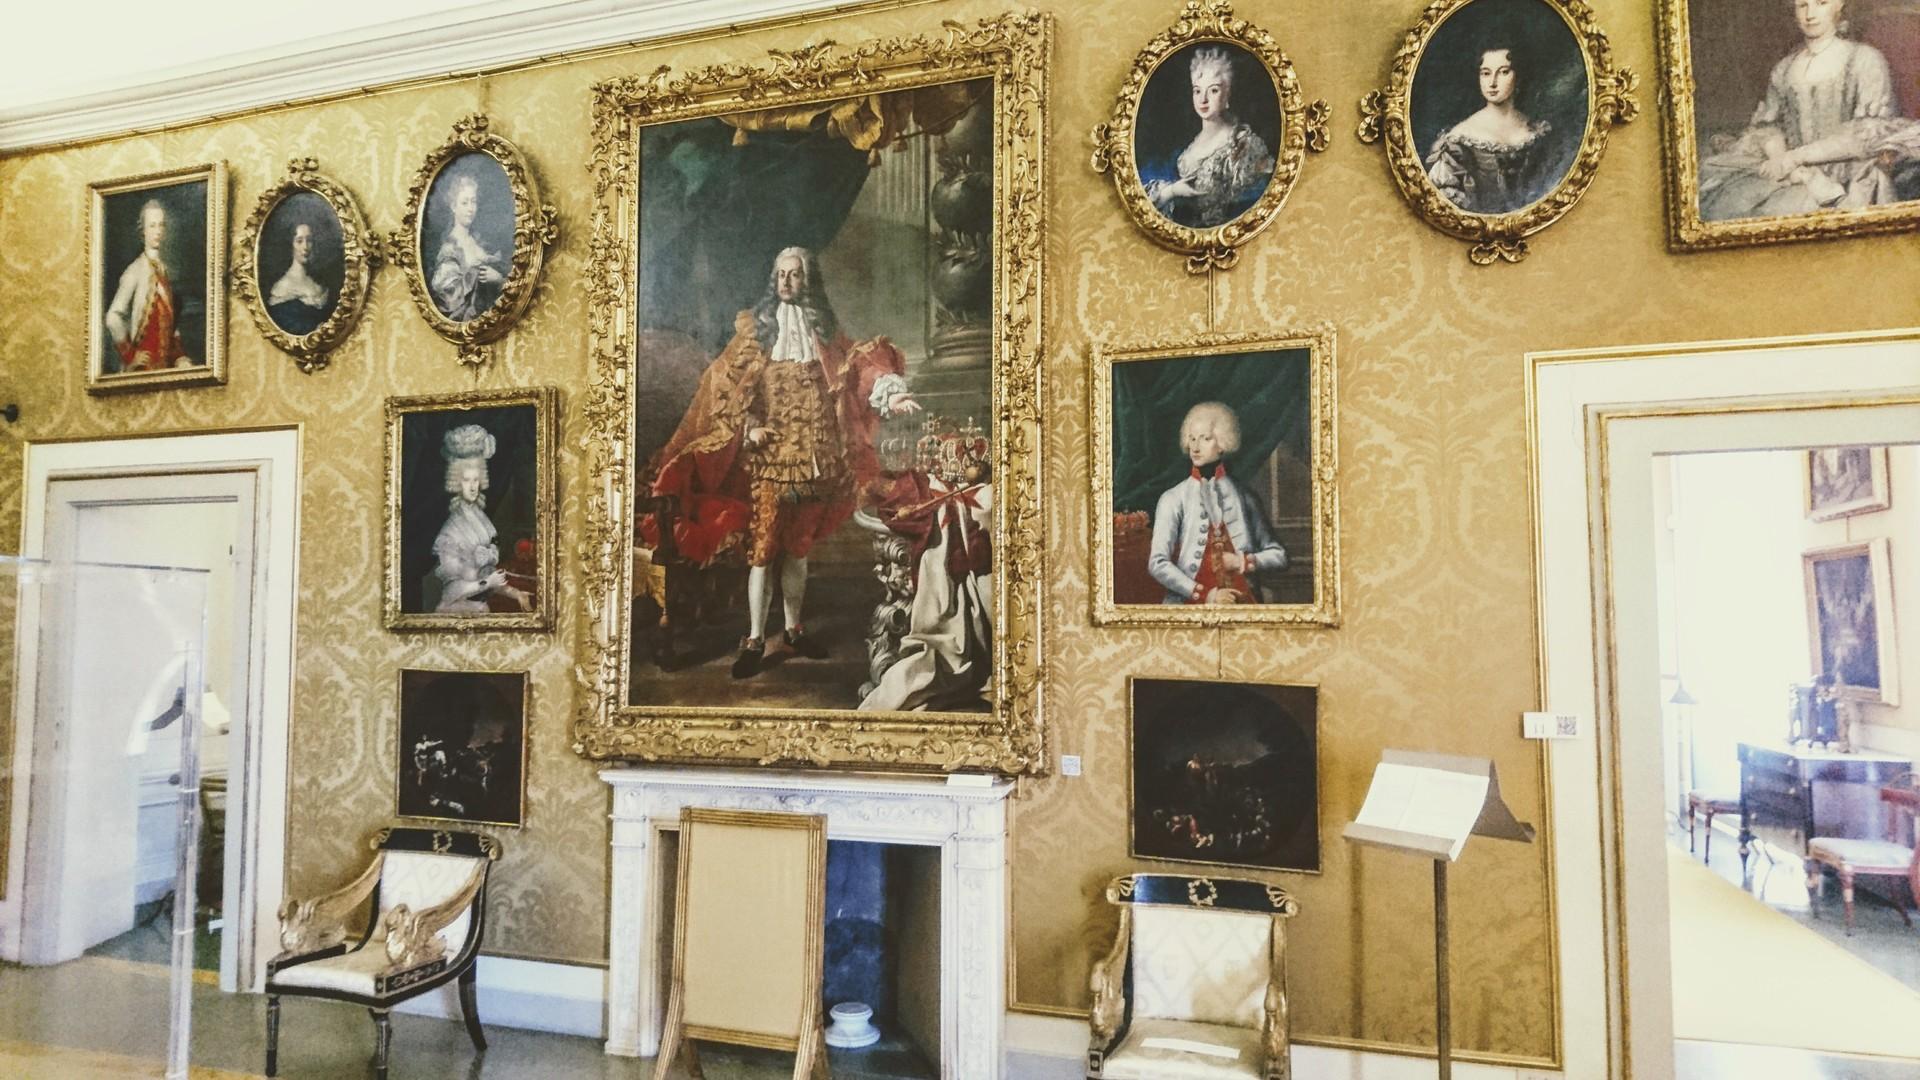 museo-di-palazzo-reale-d89f83253de4e6d80